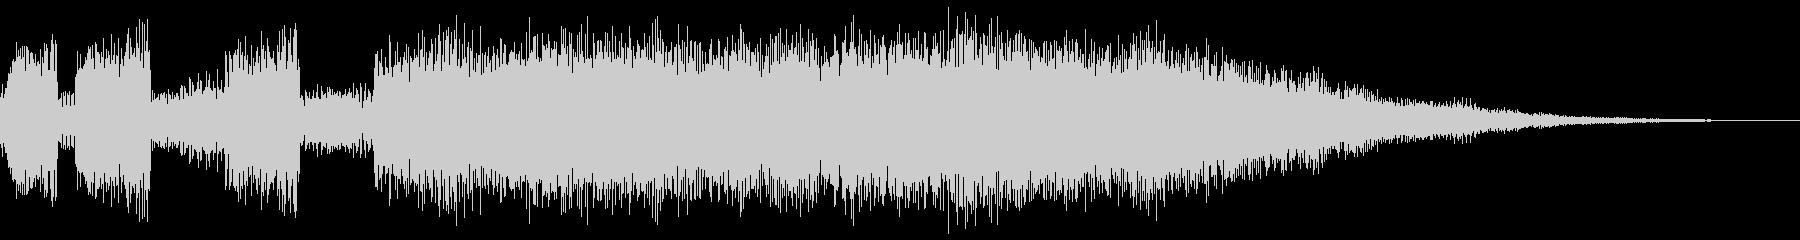 シンセブラスによるサウンドロゴ、ジングルの未再生の波形